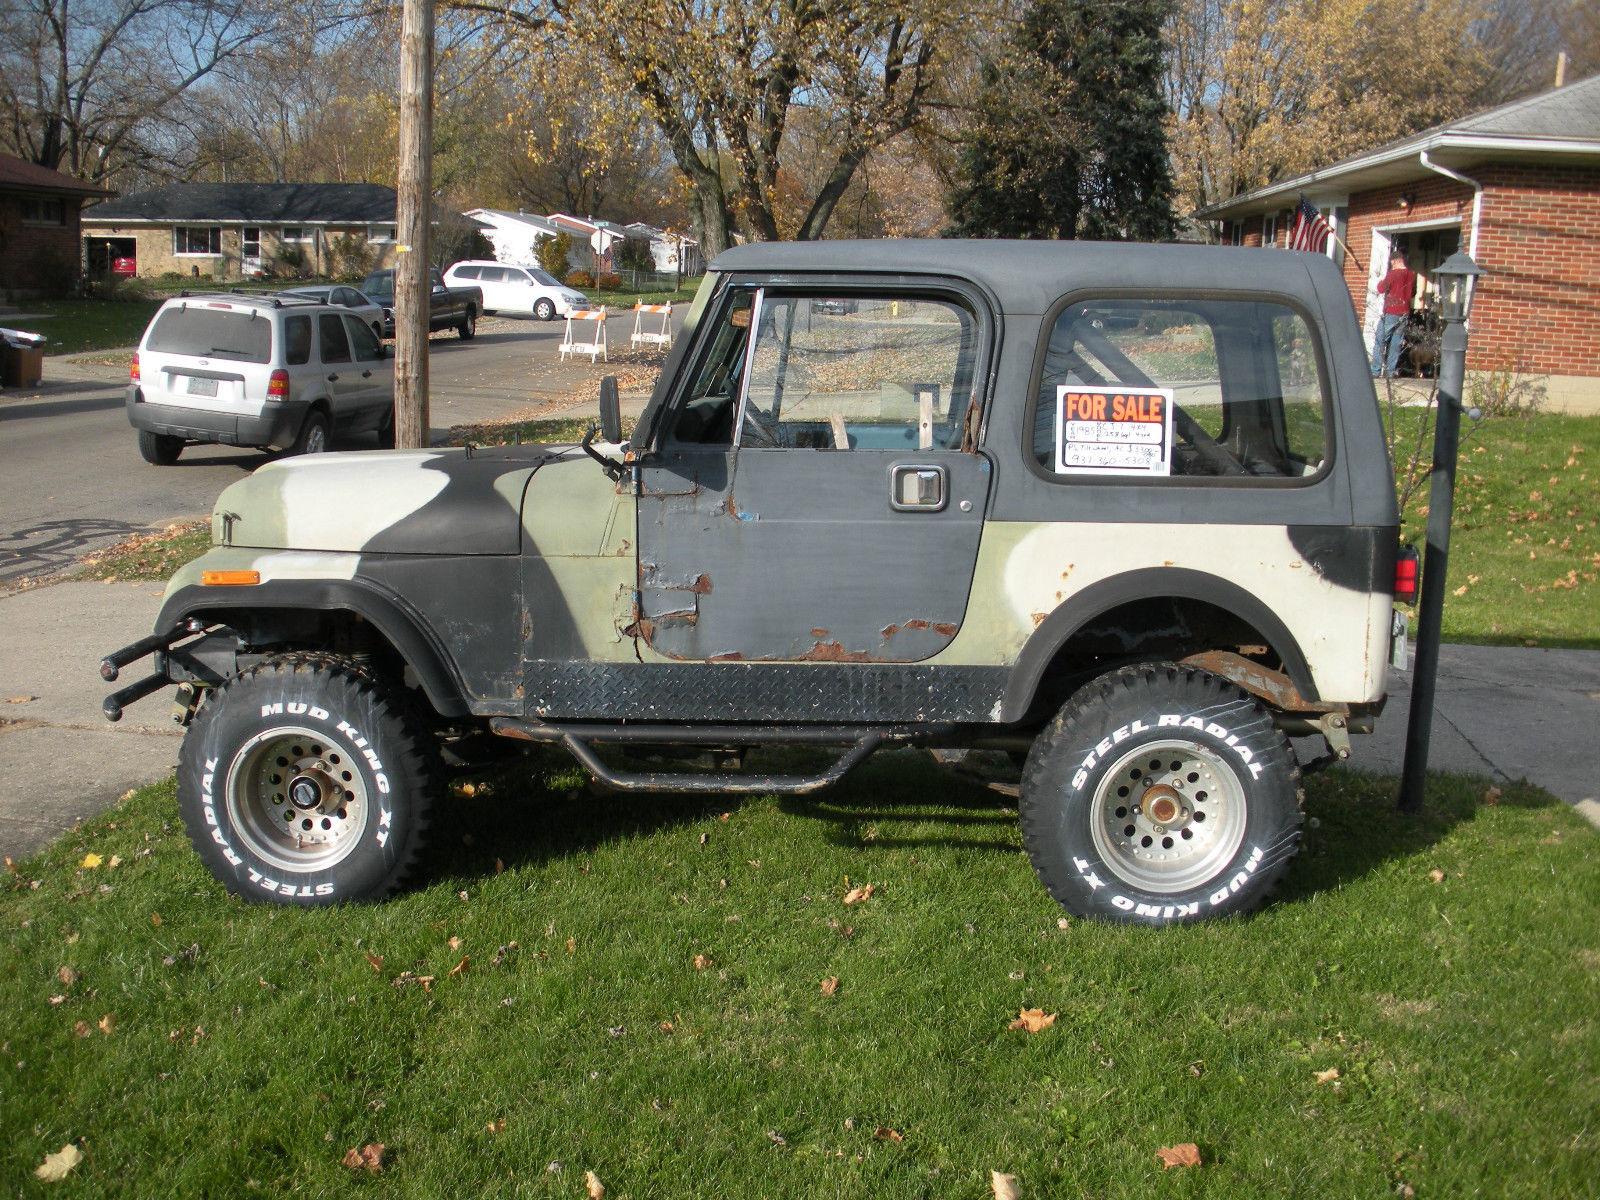 1985 Jeep CJ7 4X4 with 1995 Jeep YJ body tub - Classic Jeep CJ 1985